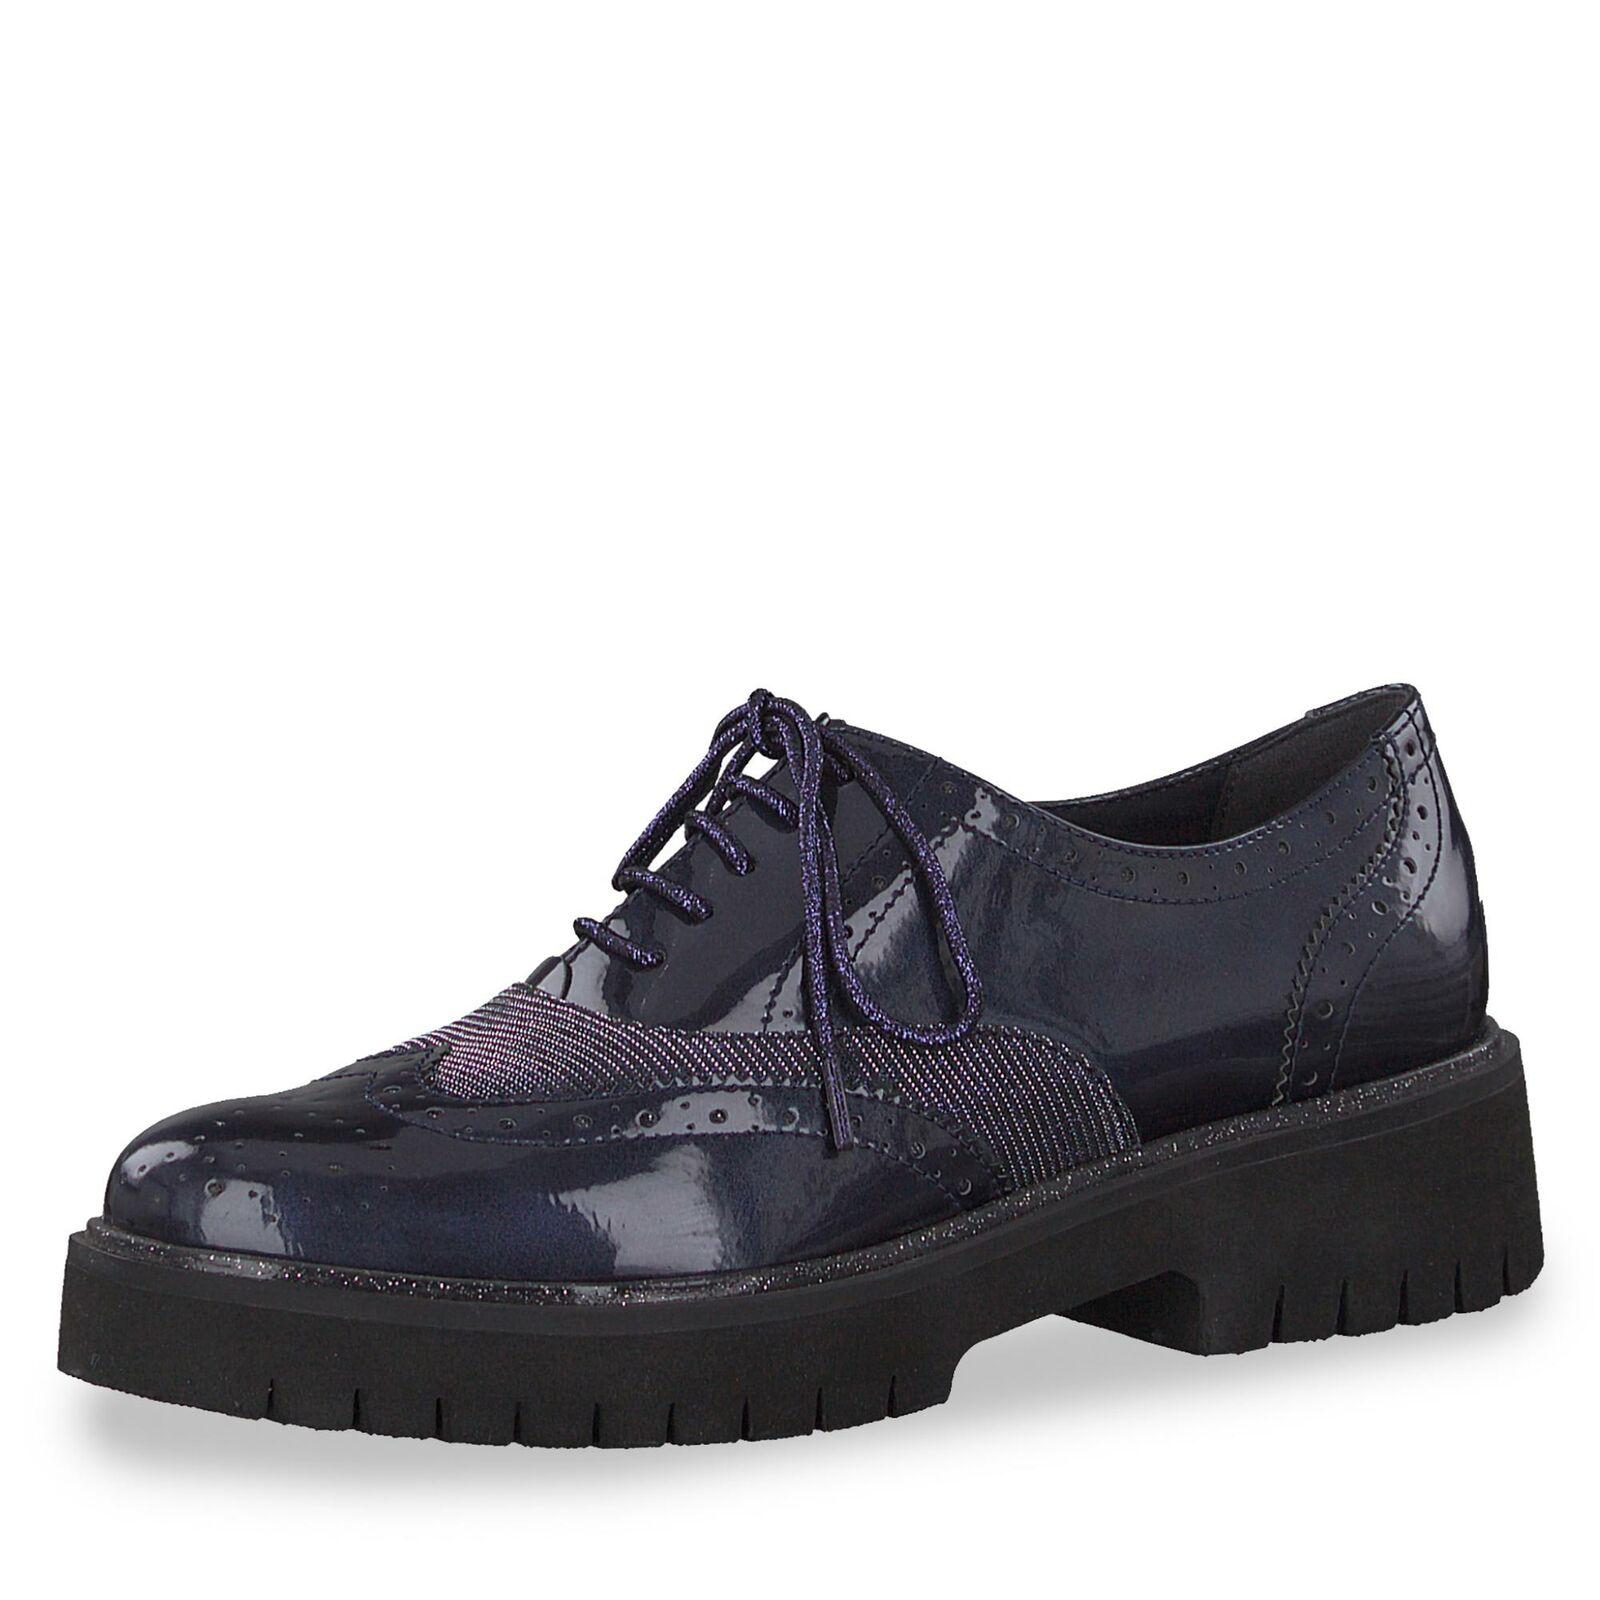 blau Schuh Lederimitat Budapester Halbschuh Schnürschuh